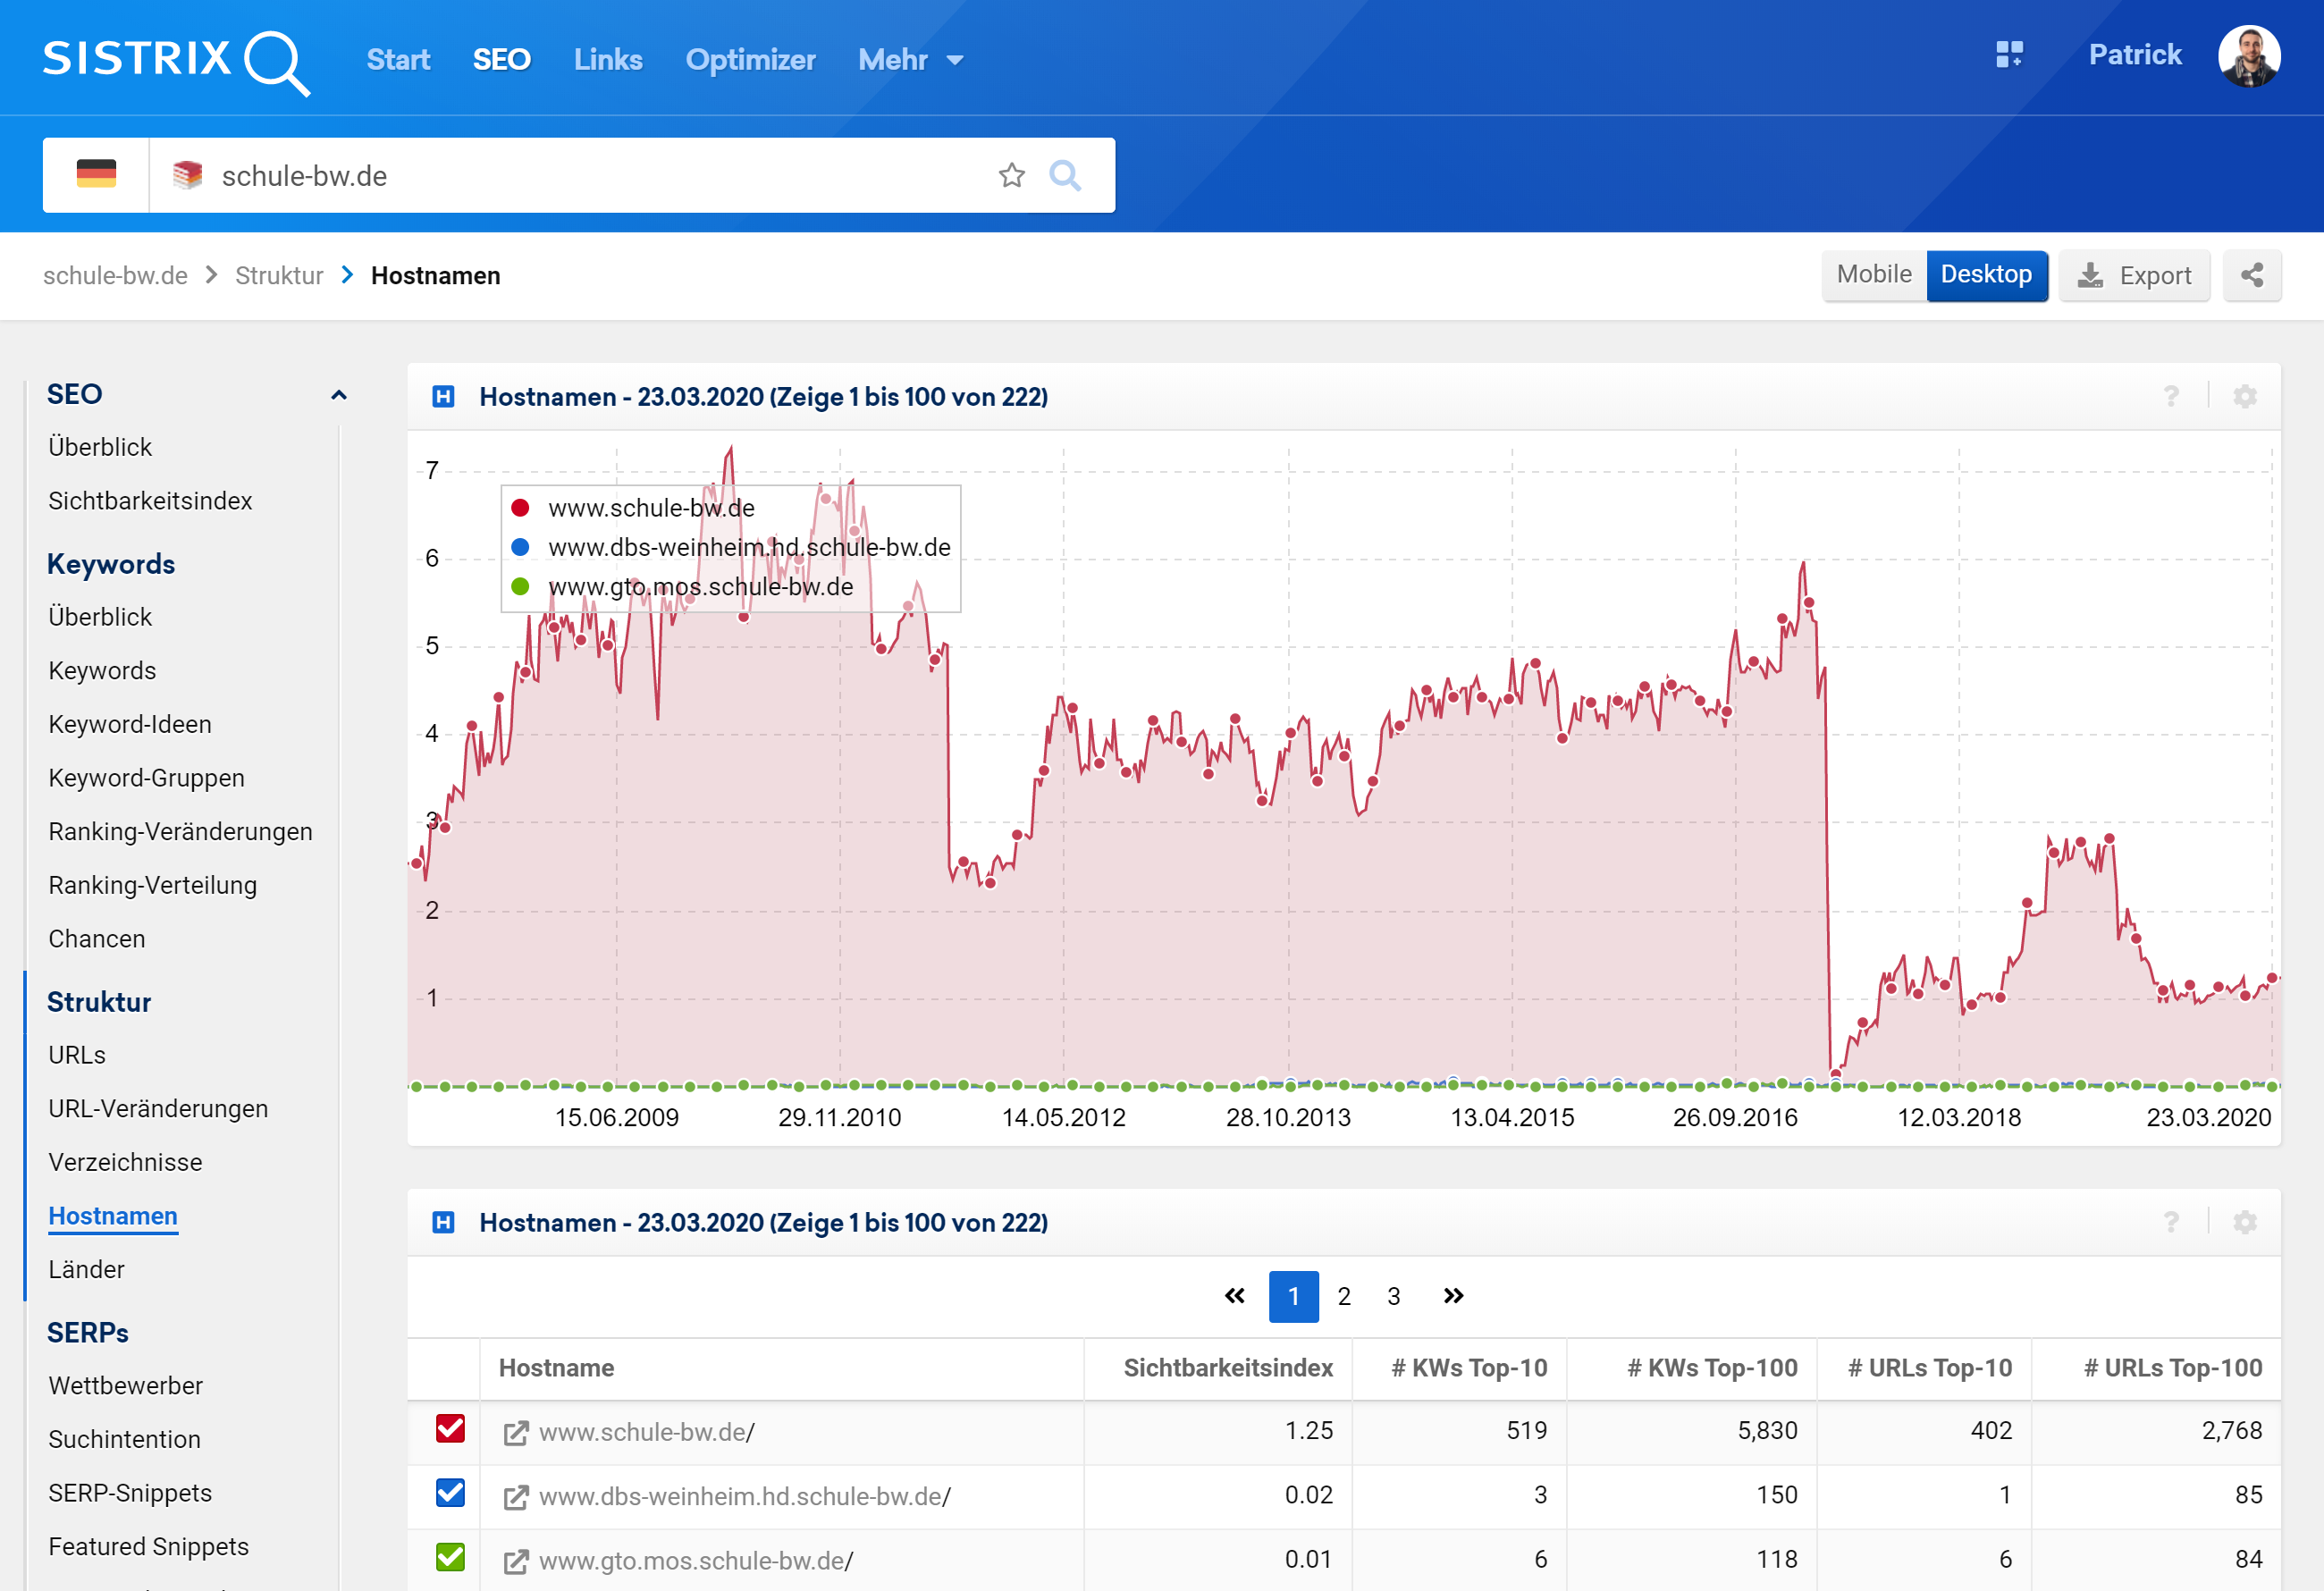 Klickpfad zur Hostnamen-Auswertung für schule-bw.de. Es zeigt sich, dass der massive Sichtbarkeitsverlust auf dem www-Host passiert ist.